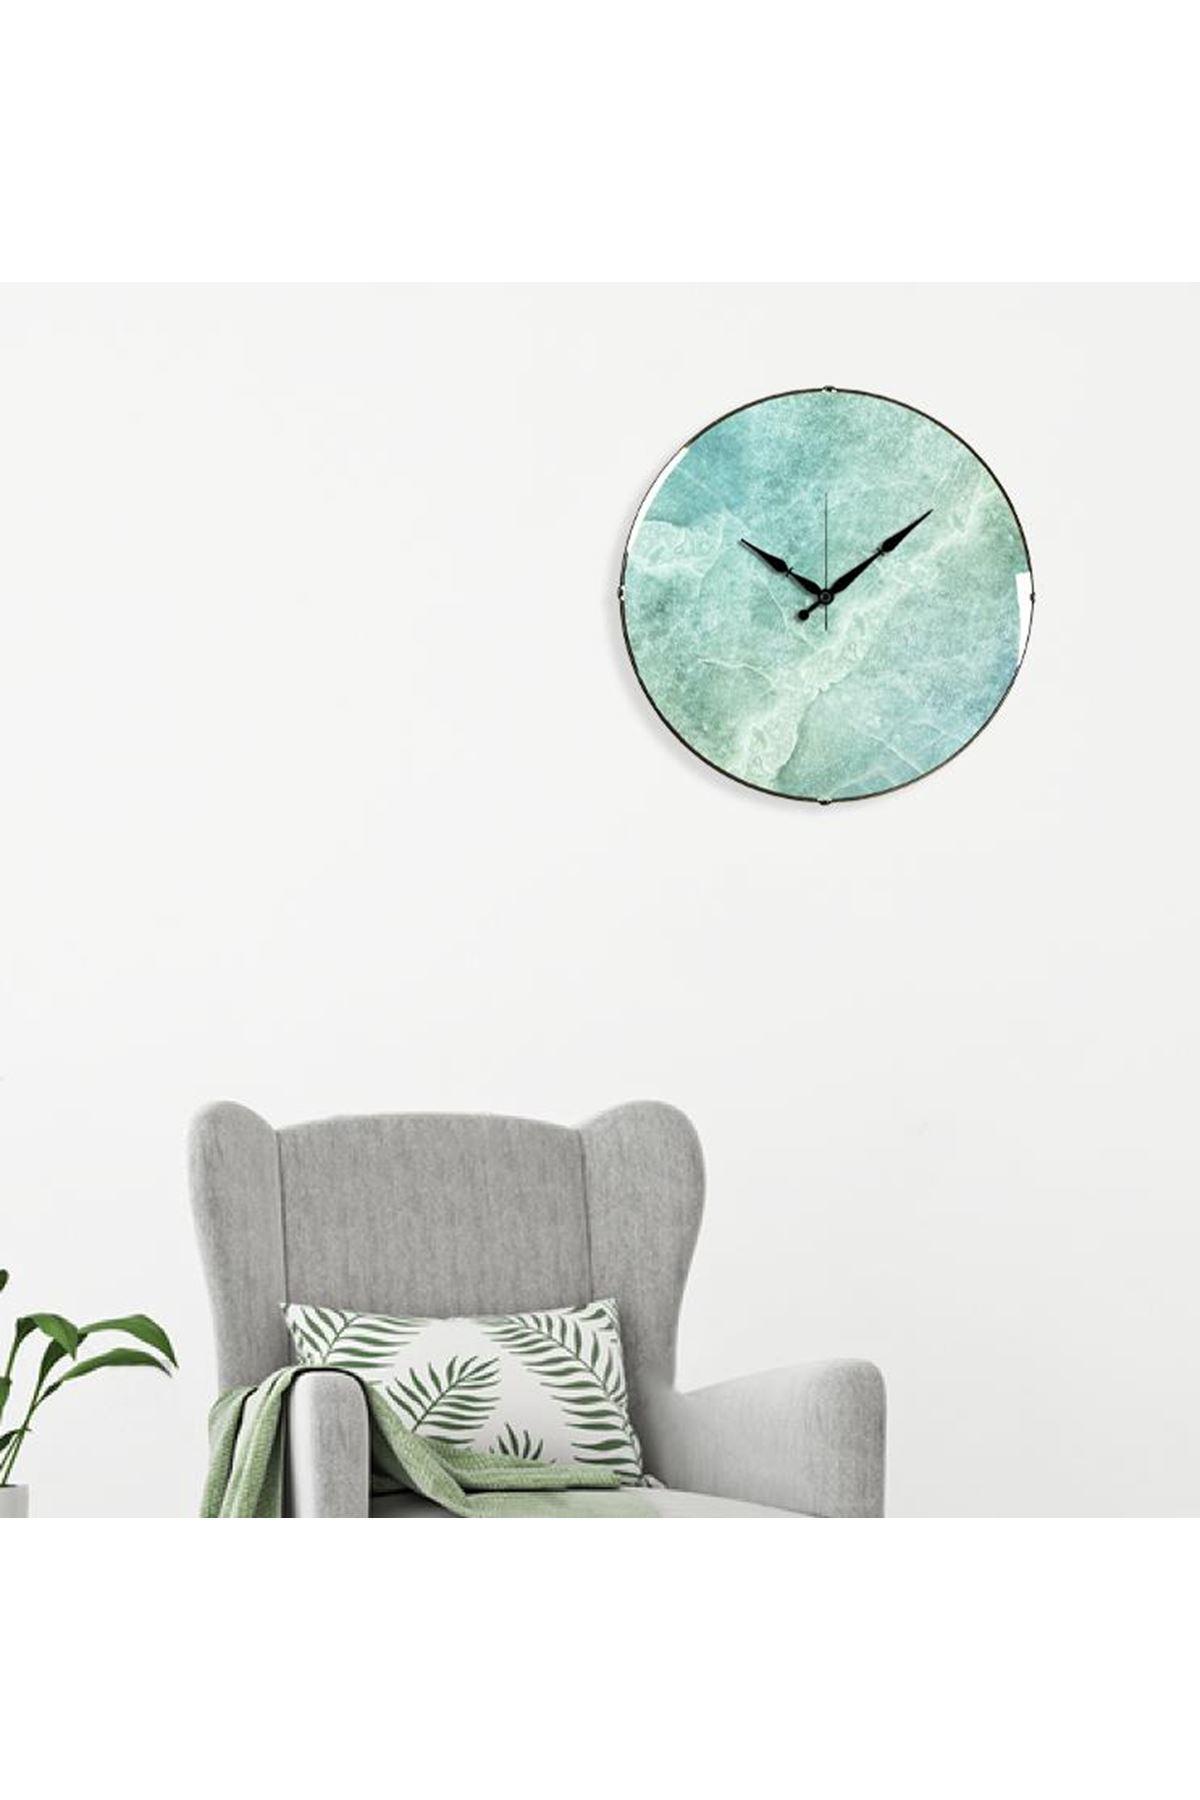 Rikon Düz Yeşil Çatlak Mermer Desenli Bombe Camlı Duvar Saati 35Cm